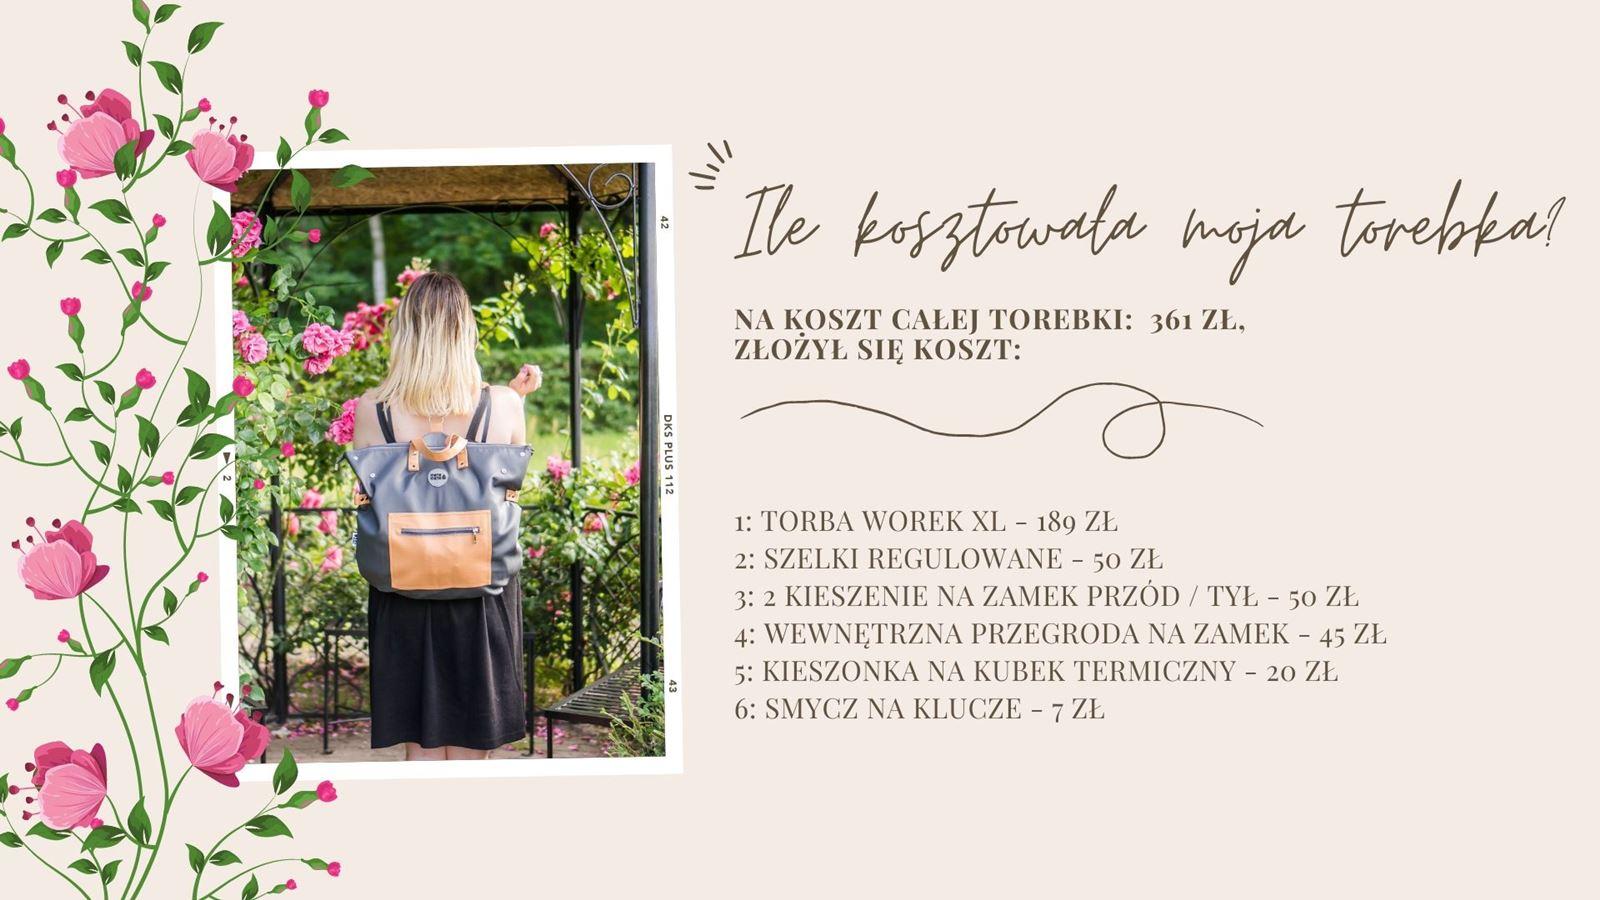 7 Jak zaprojektować własną torebkę. Szycie torebek według swojego projektu. Prezent marzeń - pomysł na niebanalny prezent dla blogerki, dziewczyny, mamy, siostry, koleżanki, przyjaciółki. Torebki polska marka MANA MANA jakośc opinie, gdzie kupić, ile kosztuje